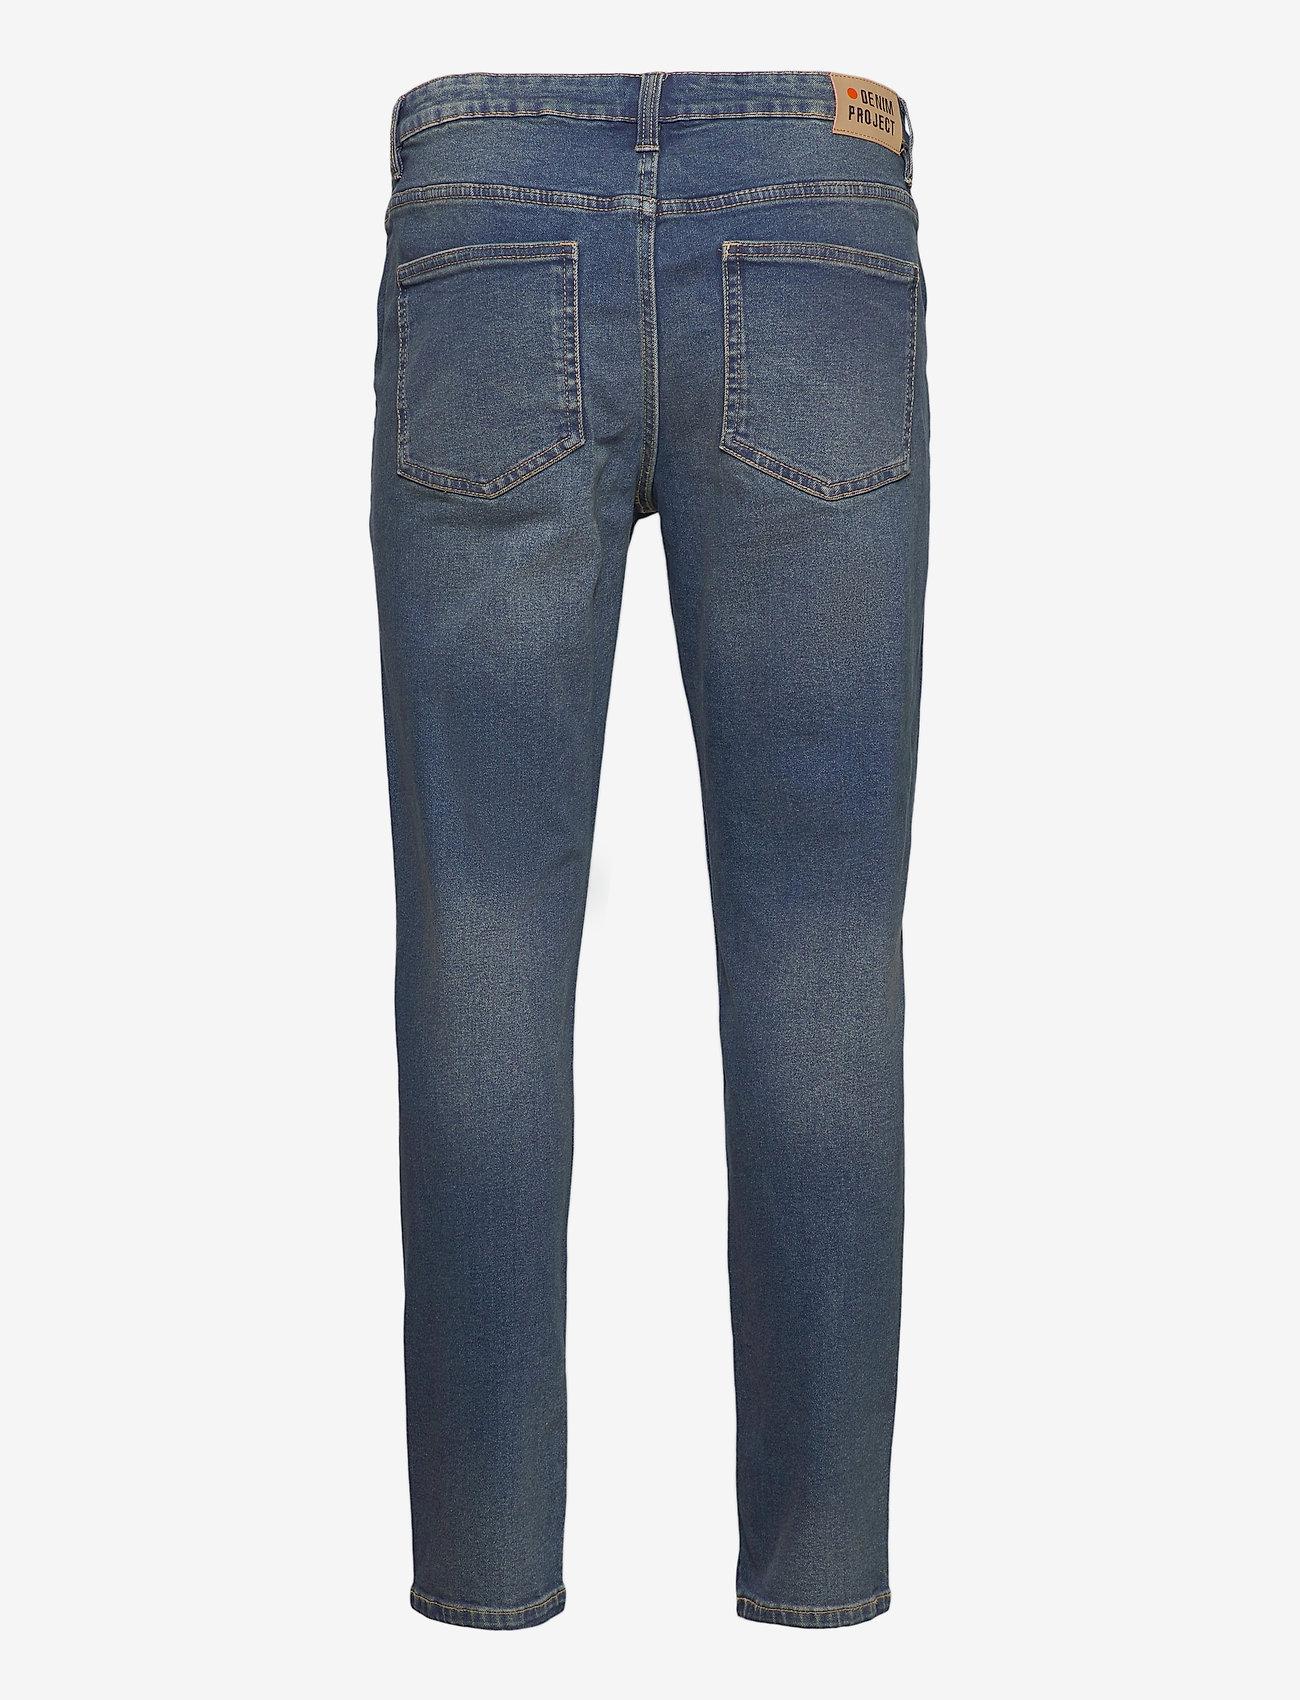 Denim project - Mr. Red - slim jeans - 045 vintage blue - 1